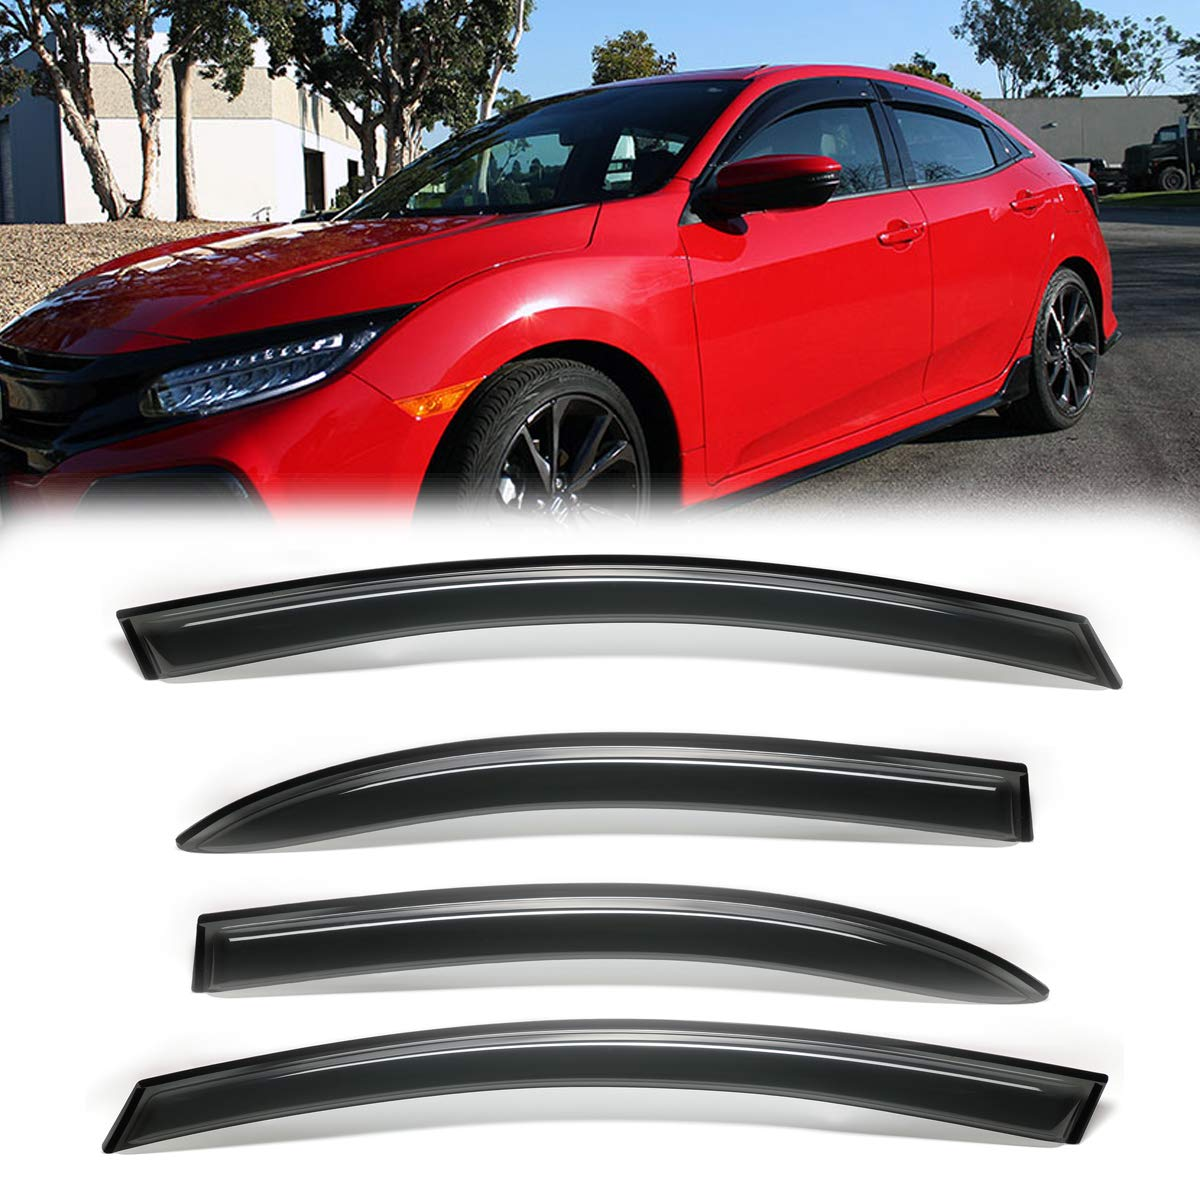 4pcs Smoke Sun//Rain Guard Vent Shade Window Visors Fit 06-11 Civic 4-Door Sedan